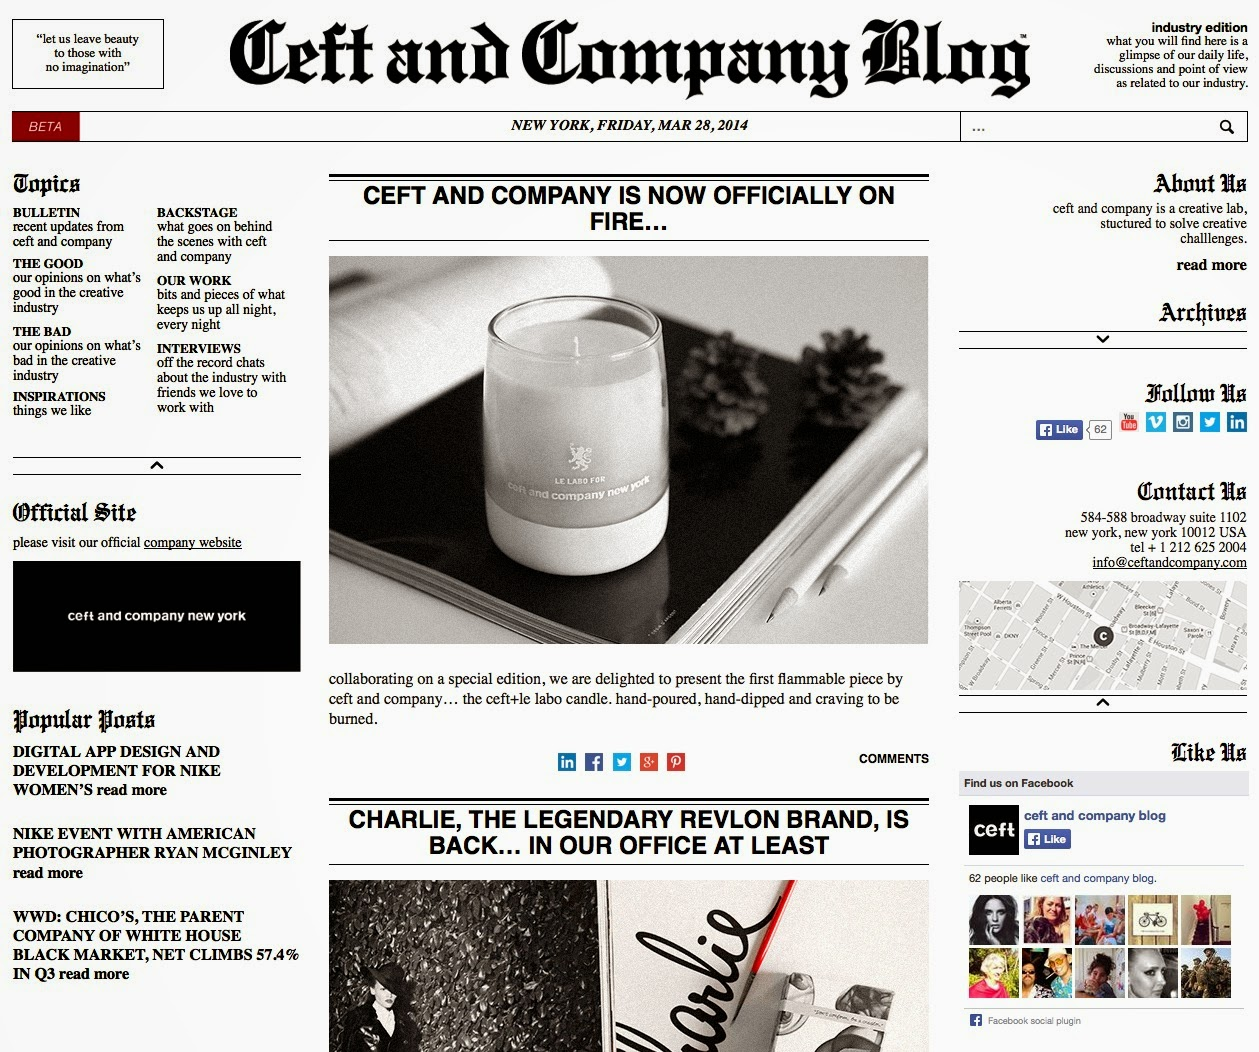 http://ceftandcompanyblog.com/